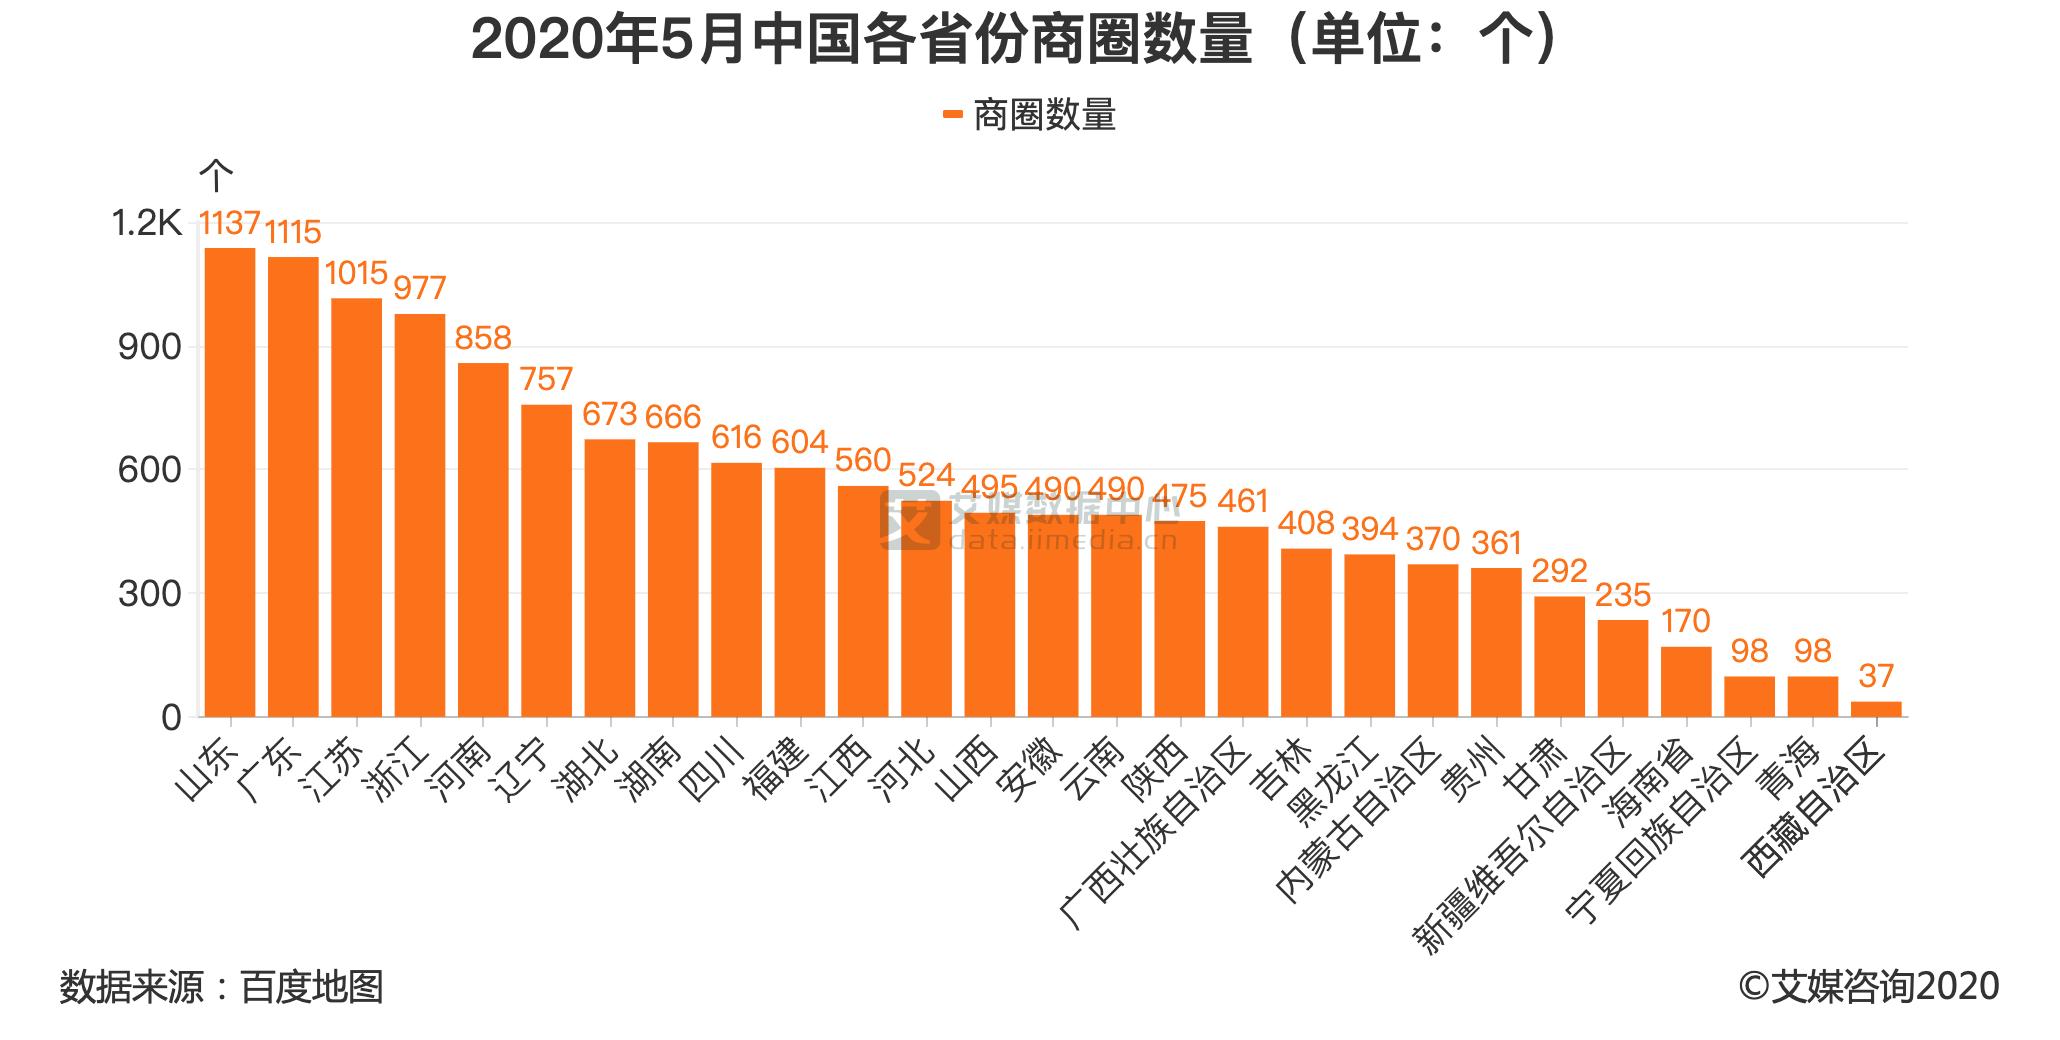 2020年5月中国各省份商圈数量(单位:个)